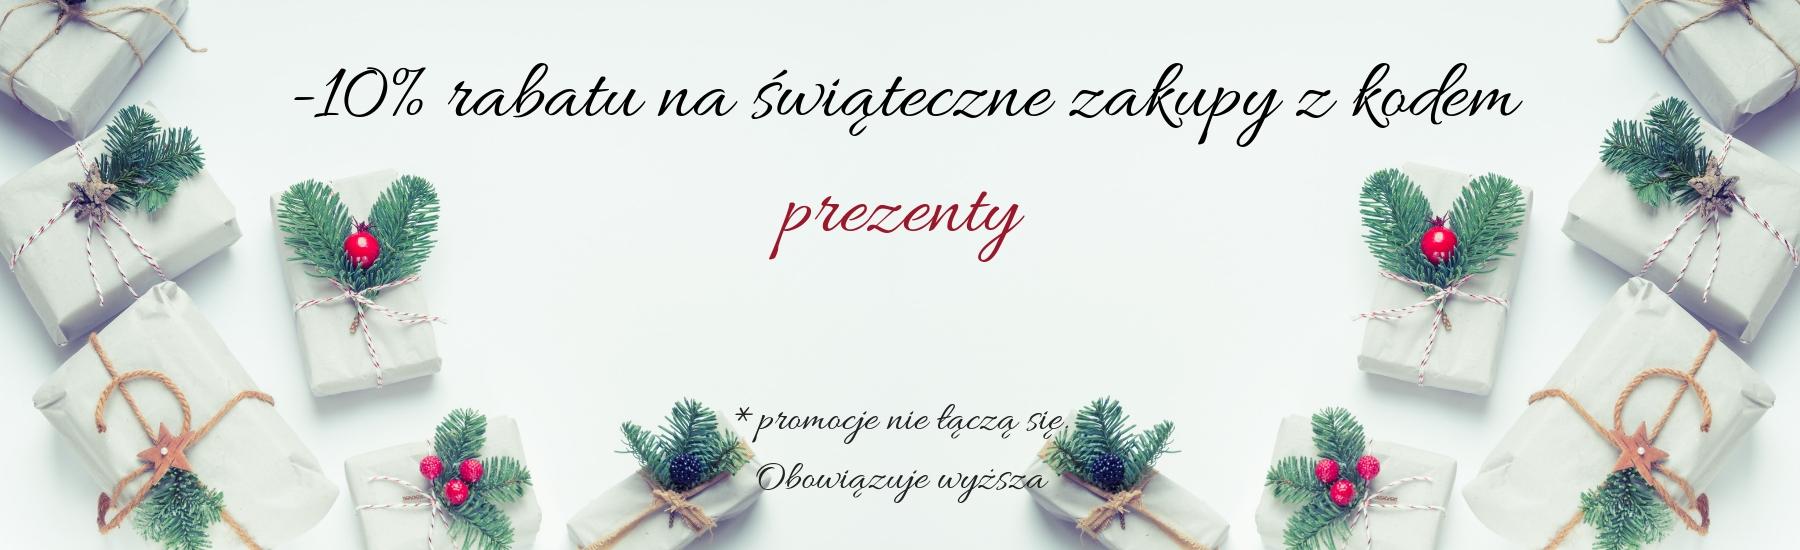 kod_rabatowy.jpg